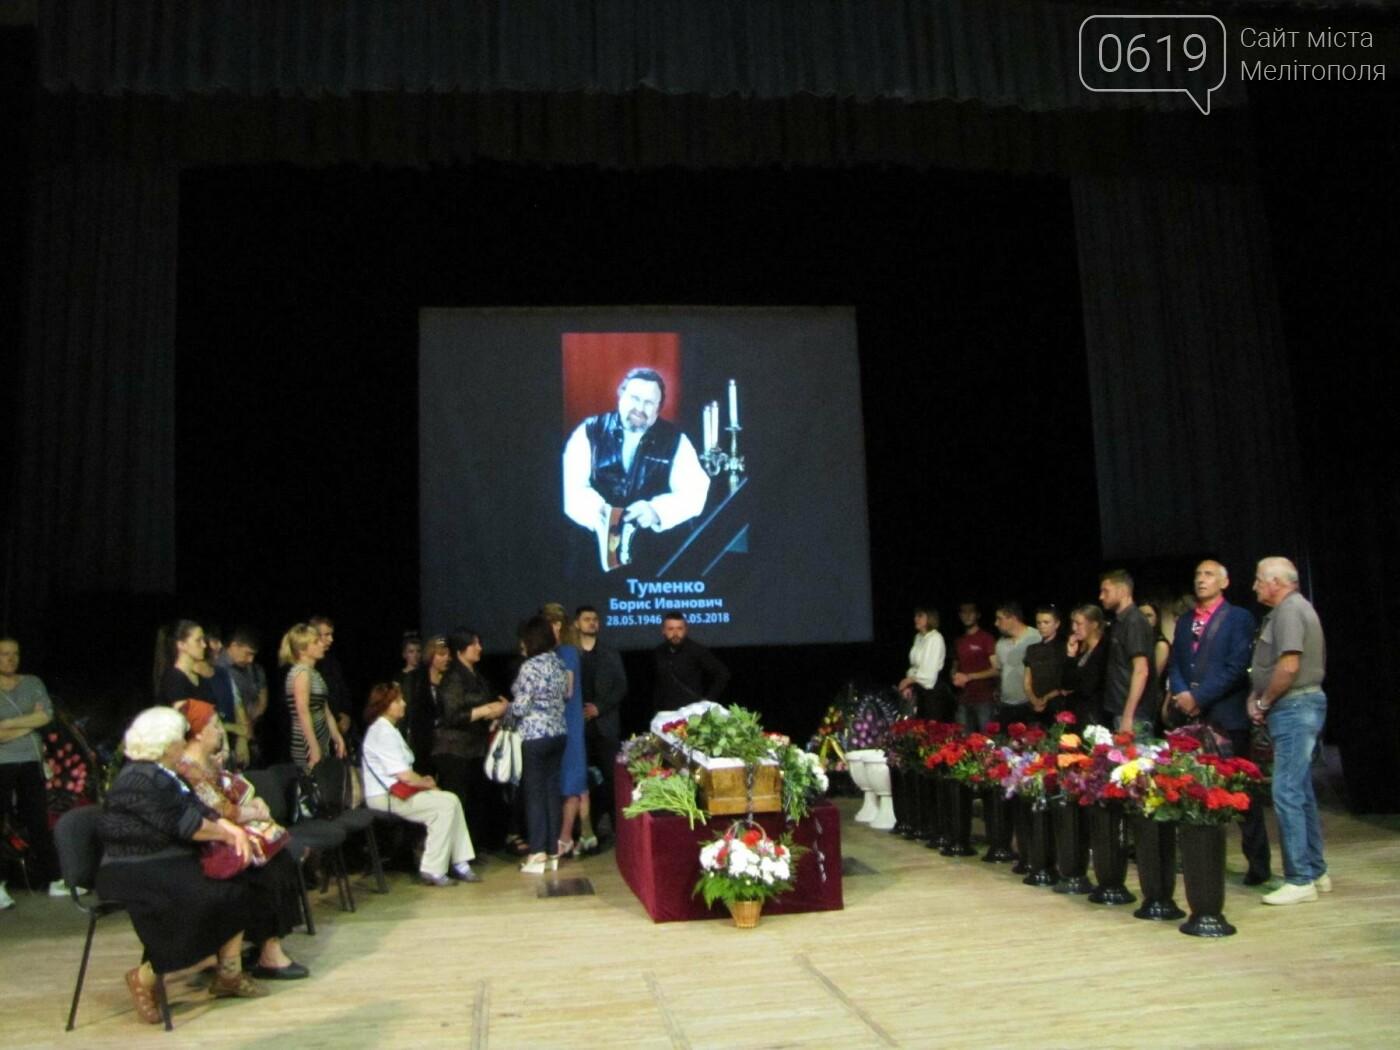 Сегодня мелитопольцы попрощались с известным режиссером , фото-3